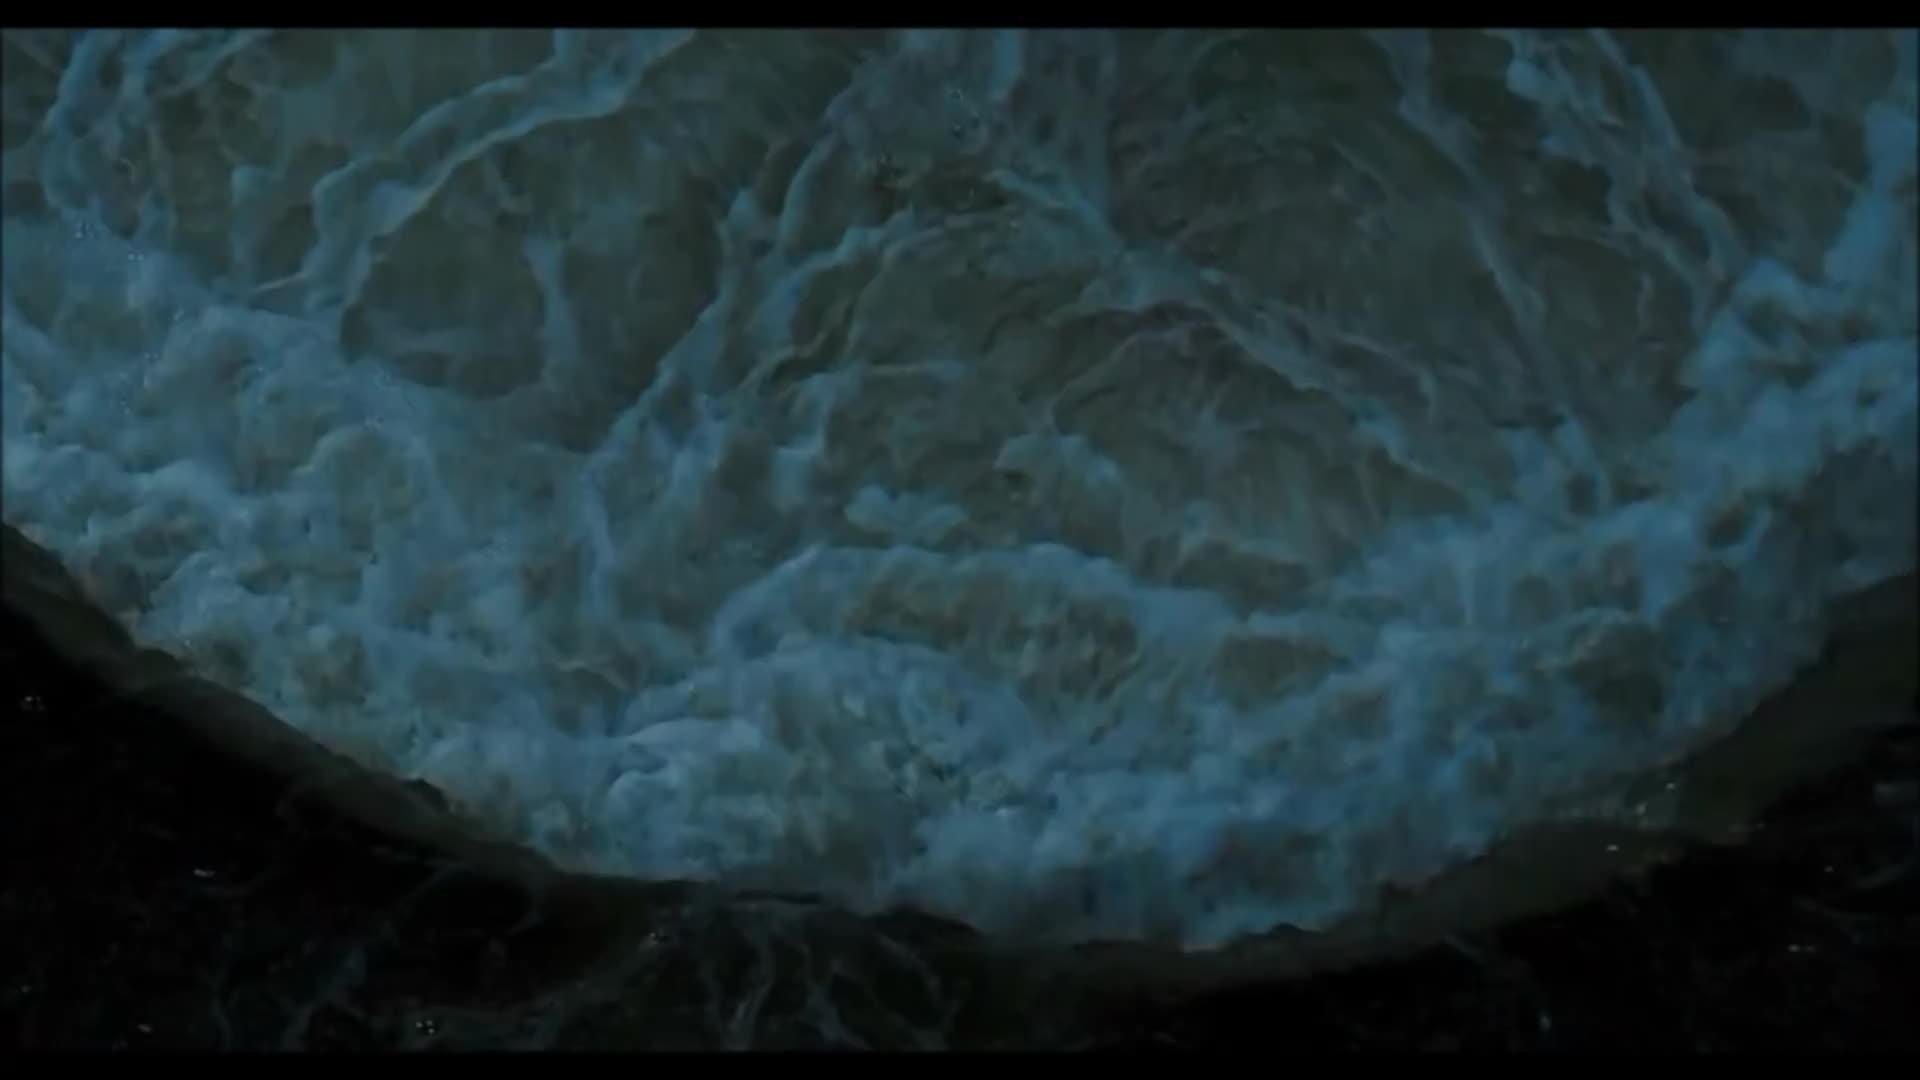 javert, les miserables, suicide, Les Misérables - Javert's Suicide GIFs